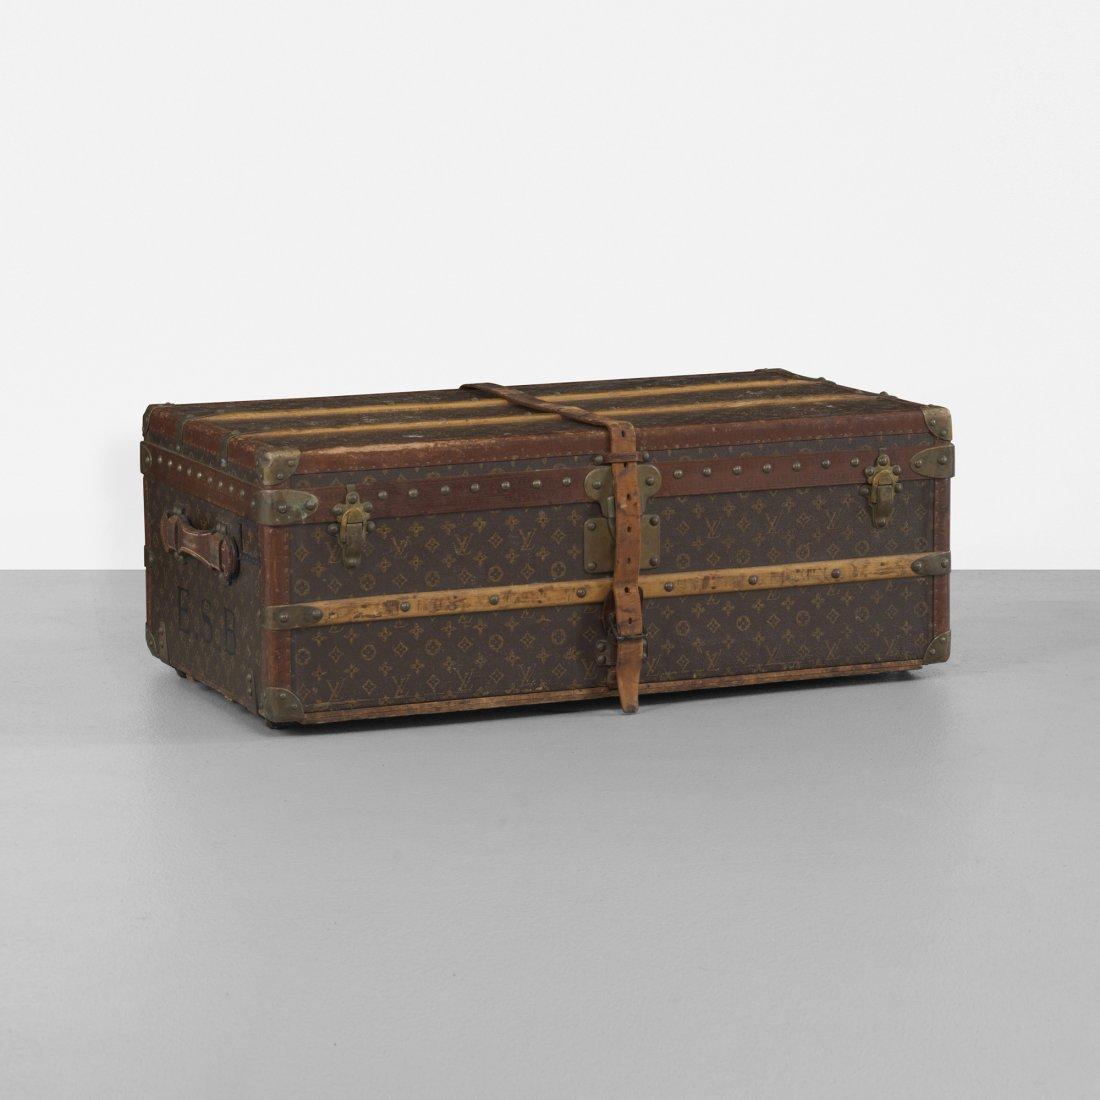 145: Louis Vuitton train case